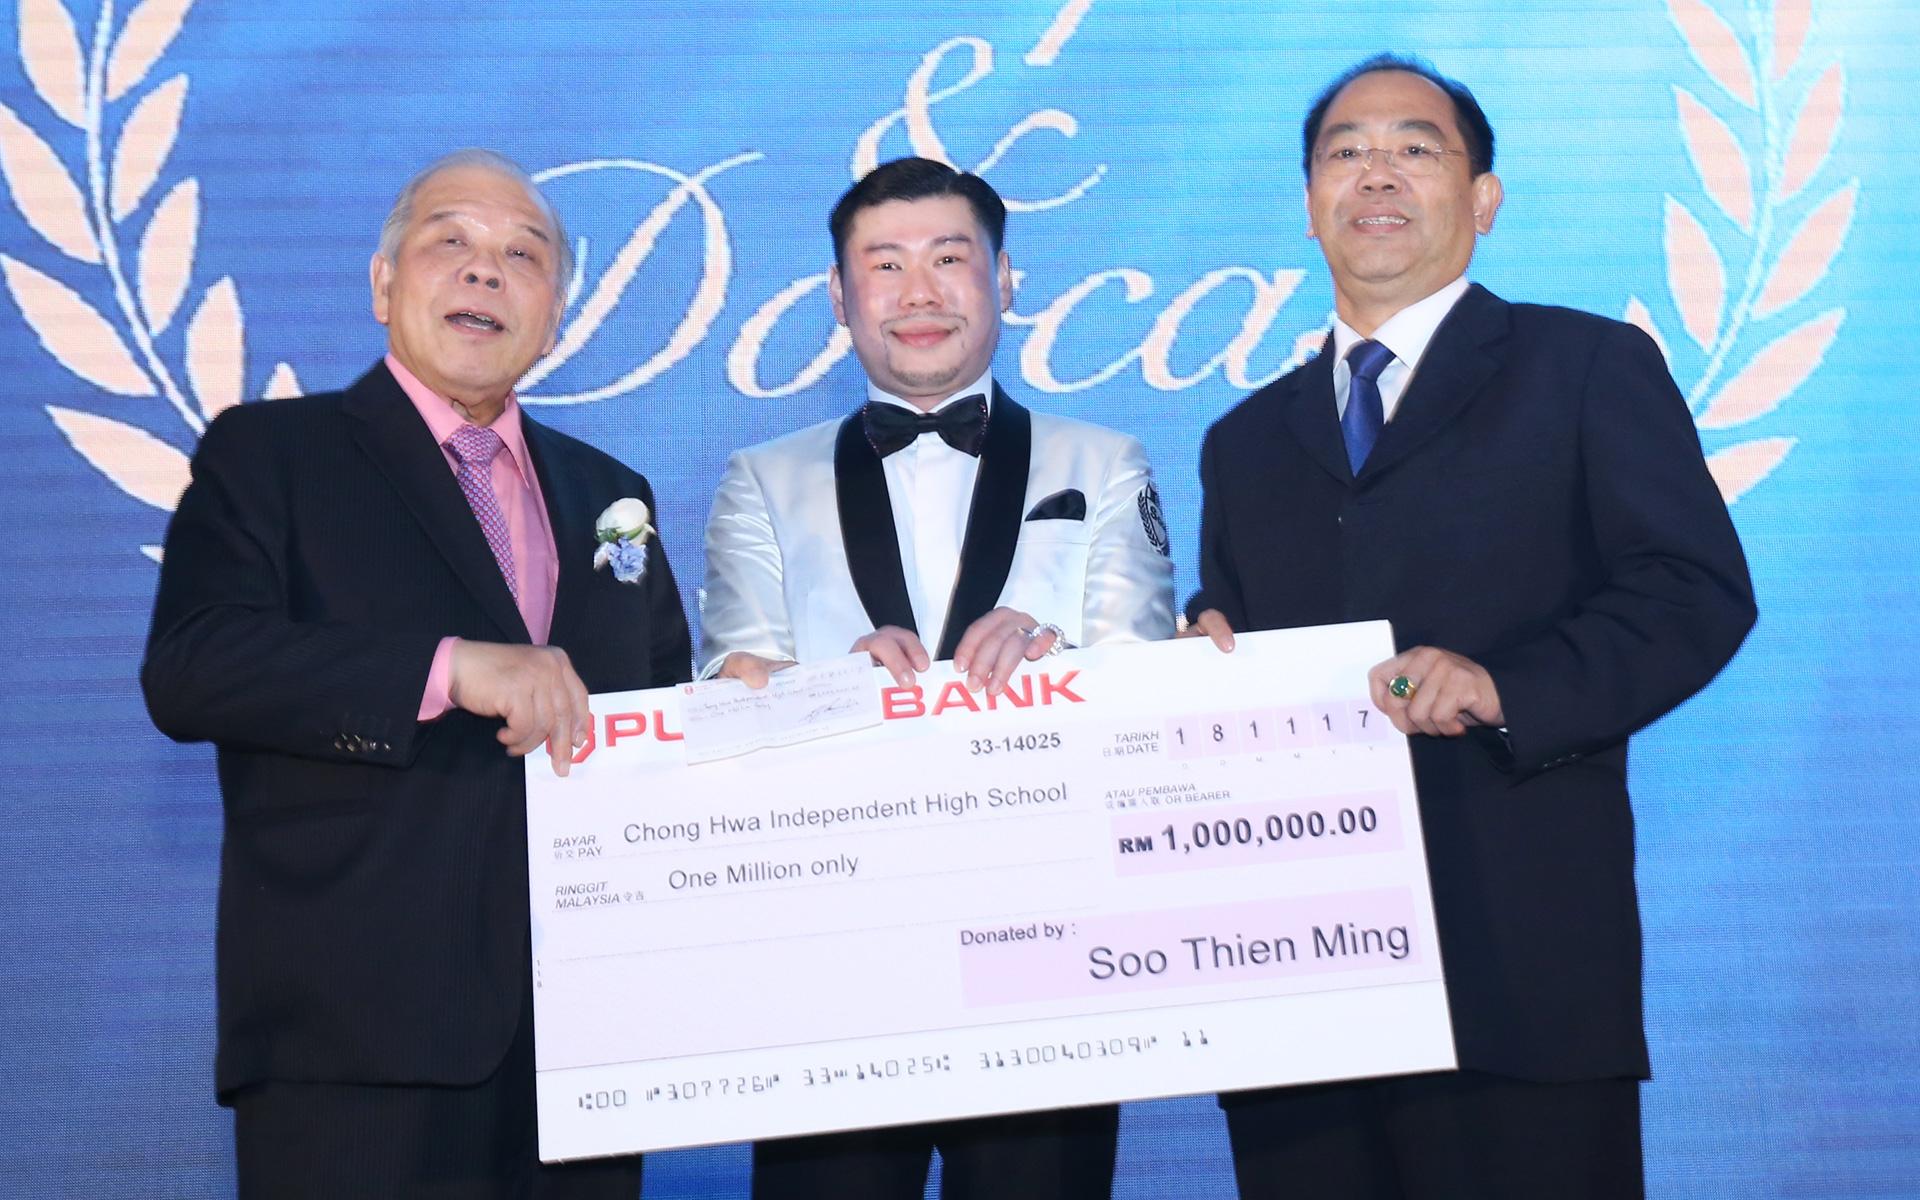 Soo Thien Ming, Datuk Airique Soo and Datuk Seri Lim Keng Cheng